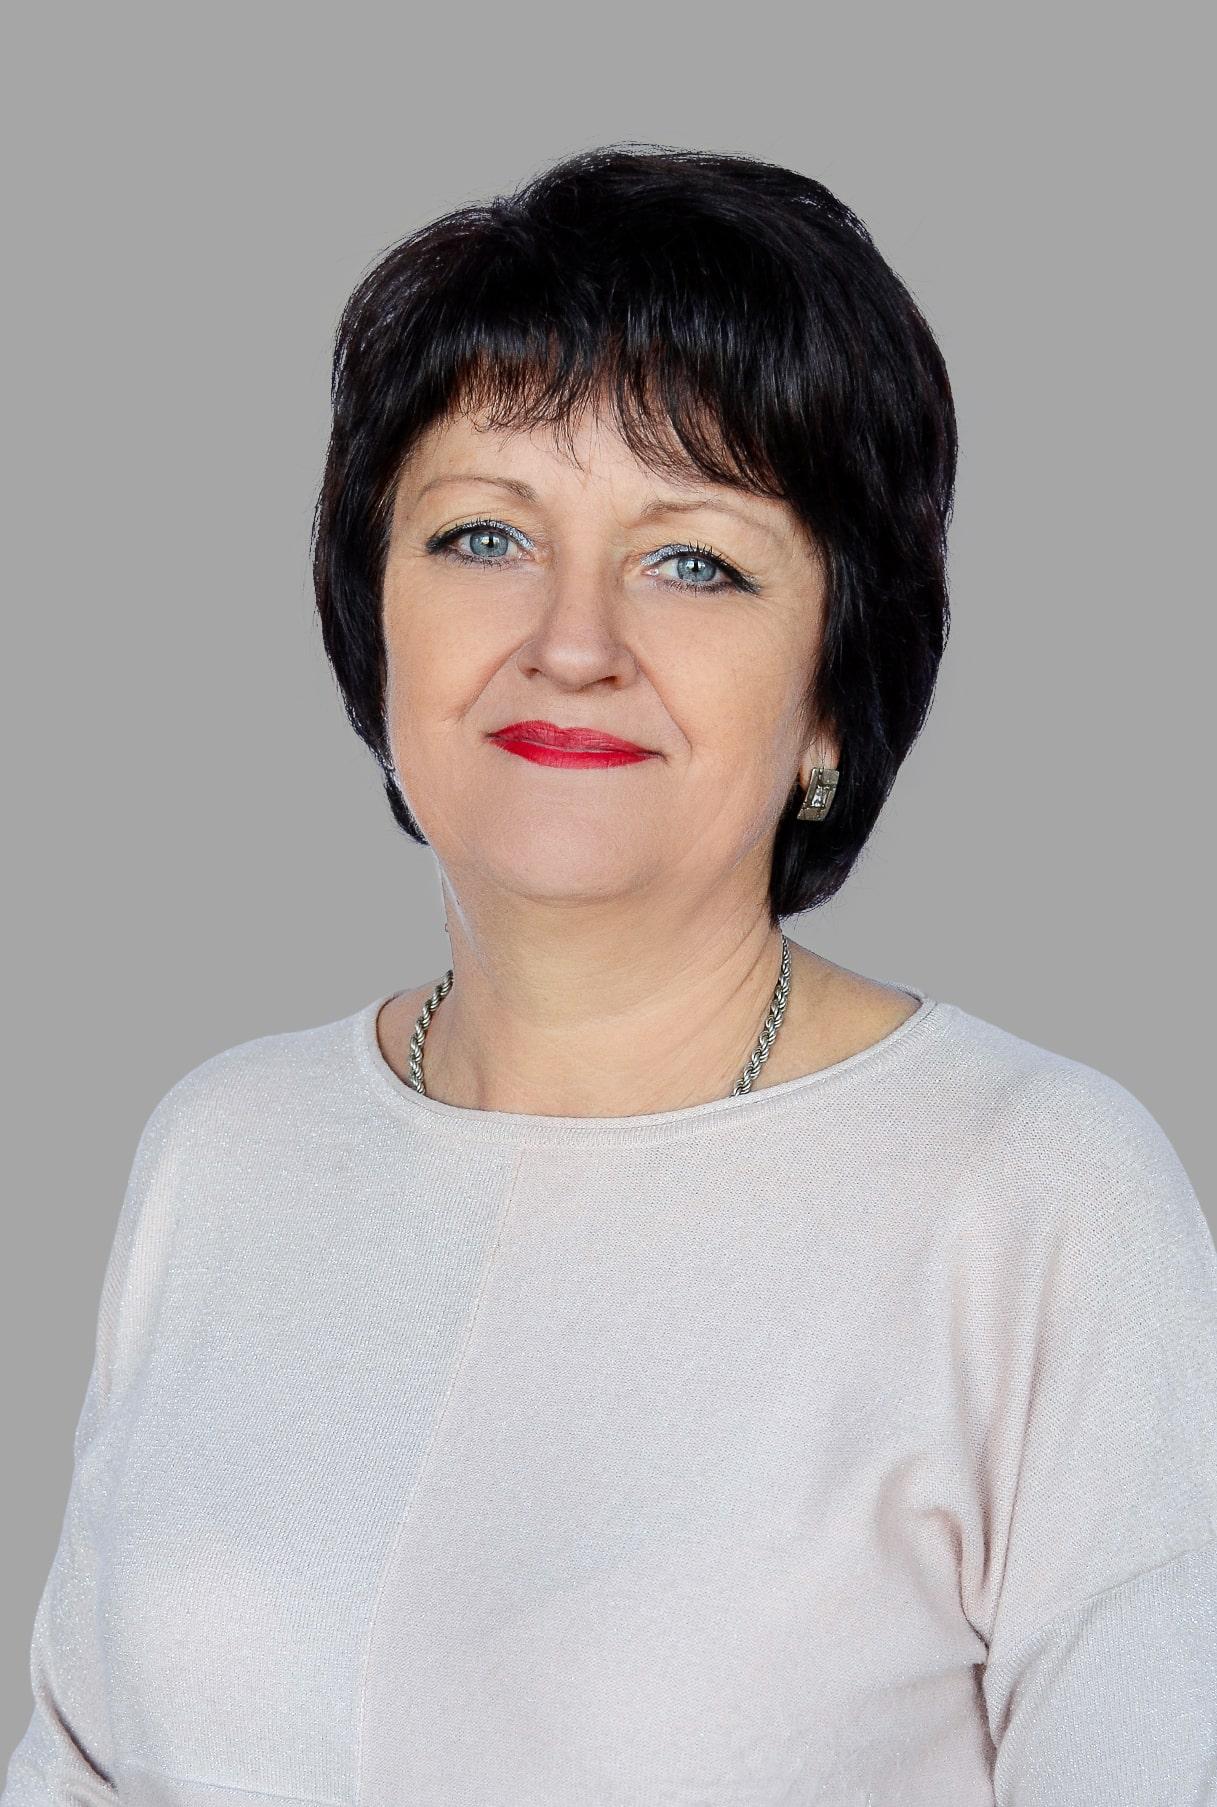 Mishchenko